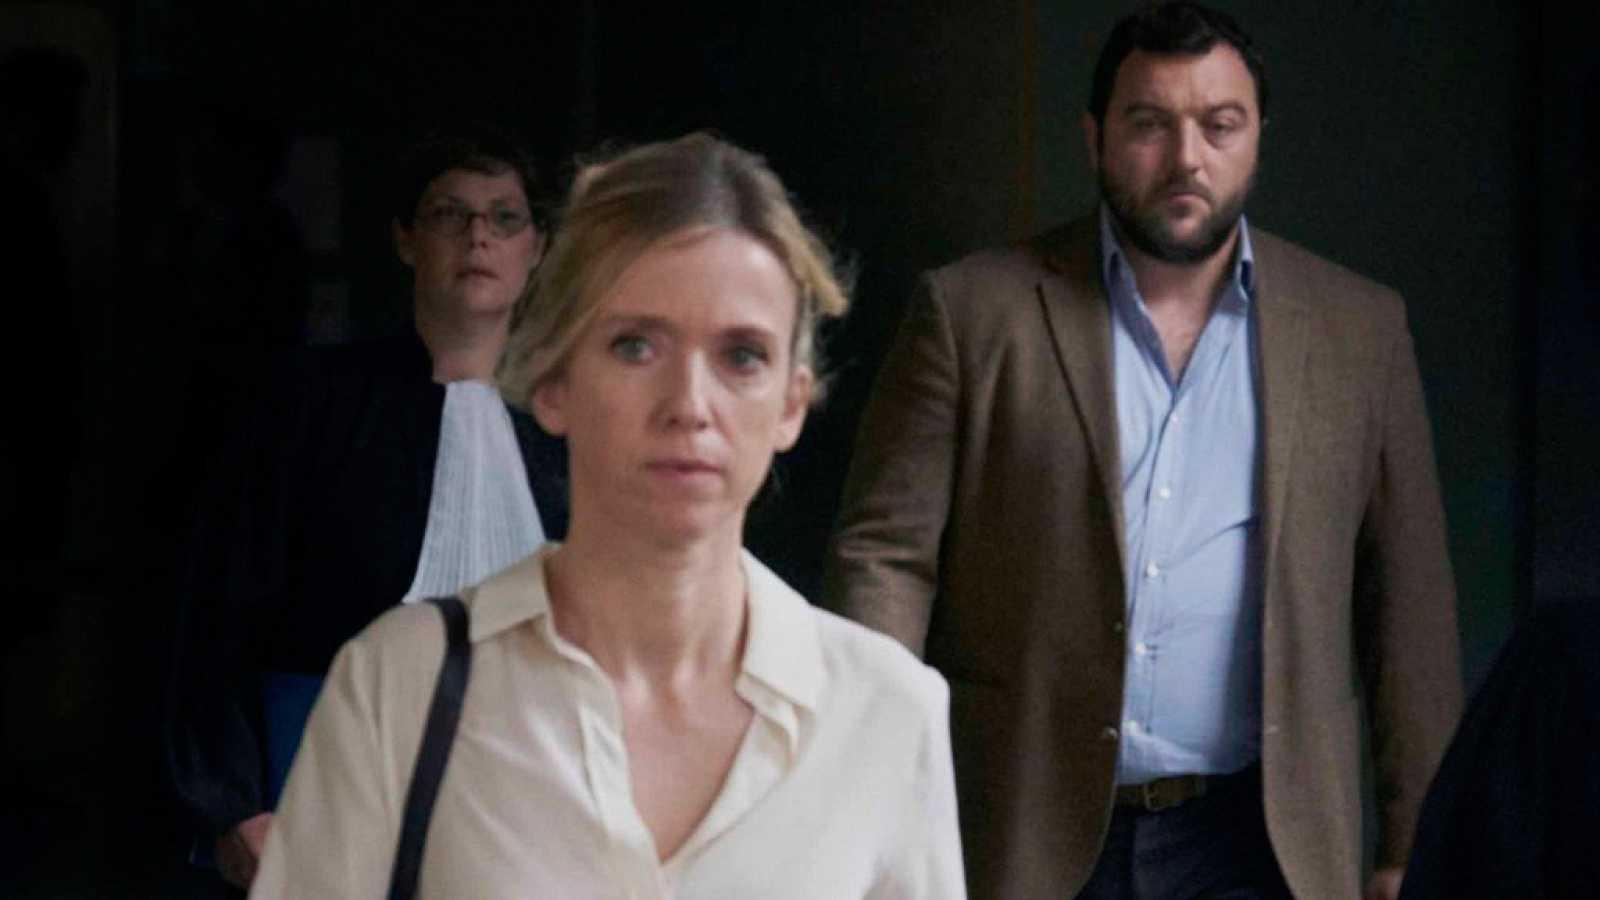 'Custodia compartida', un premiado drama este sábado en 'El cine de La 2'